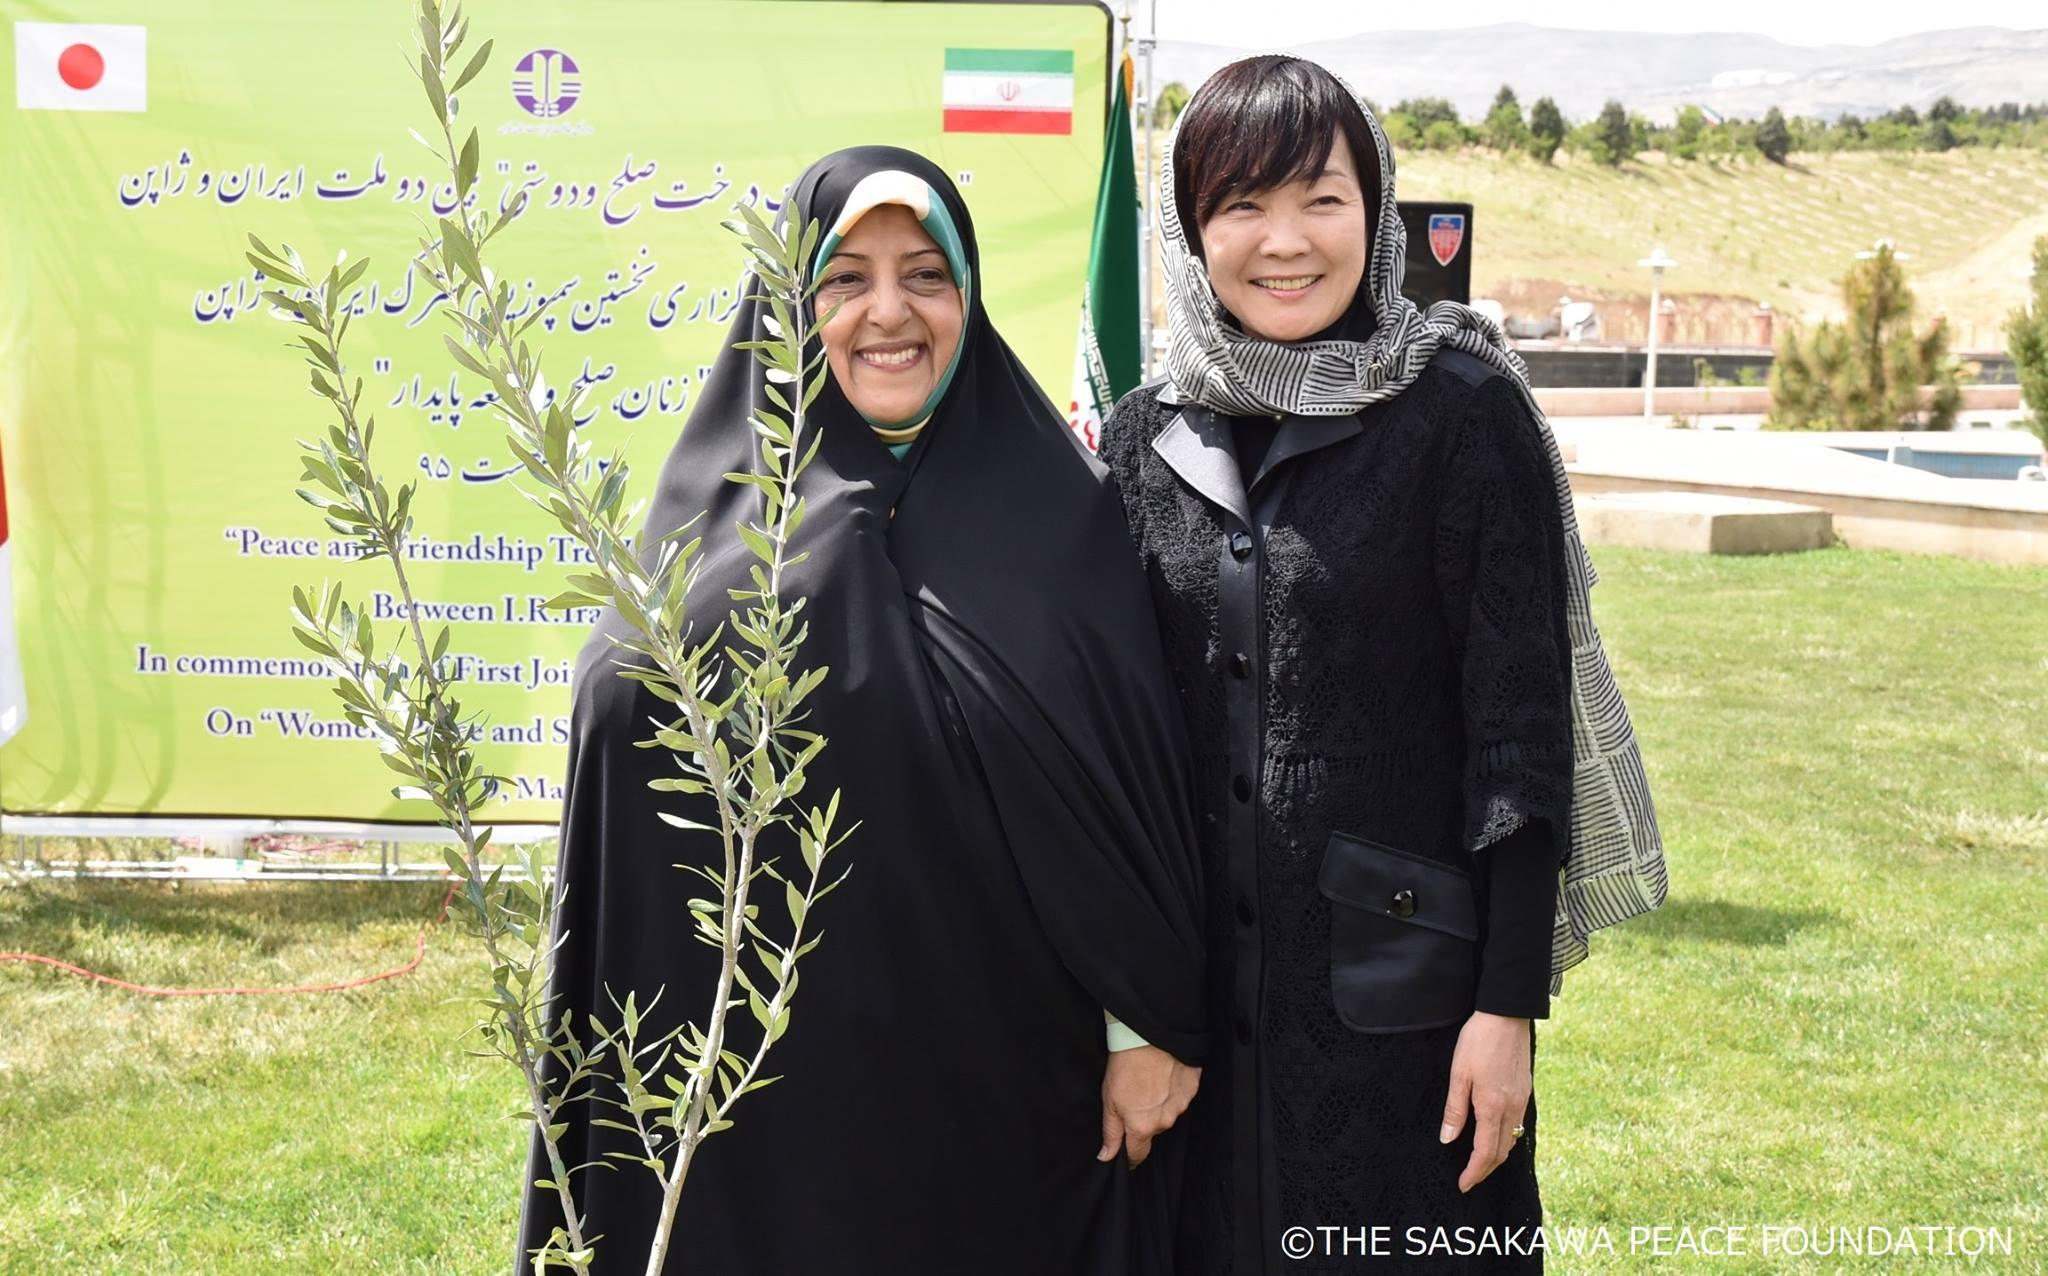 【事業報告】国際シンポジウム「平和と持続可能な開発における女性の役割」を開催いたしました 2016年5月9日開催  於イラン(テヘラン)